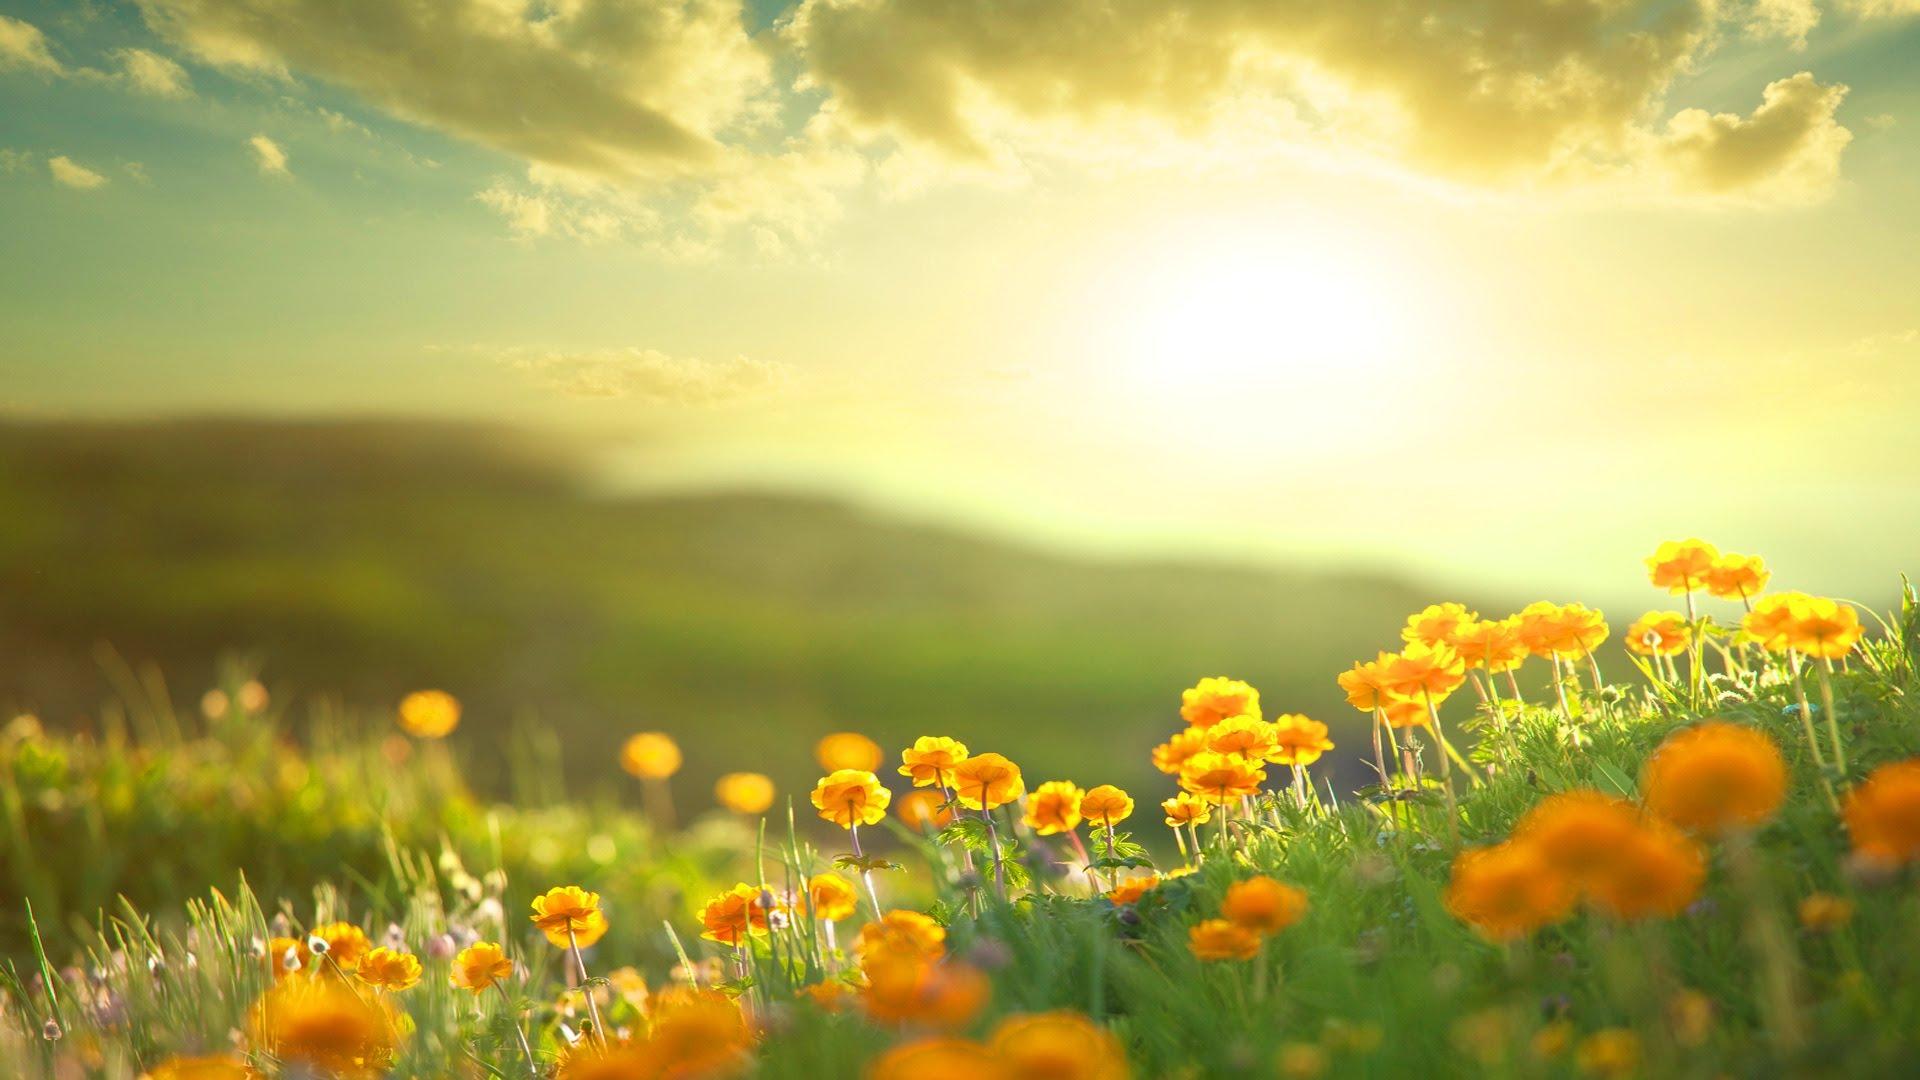 природа цветы трава мельниц восход солнце  № 2556707 загрузить